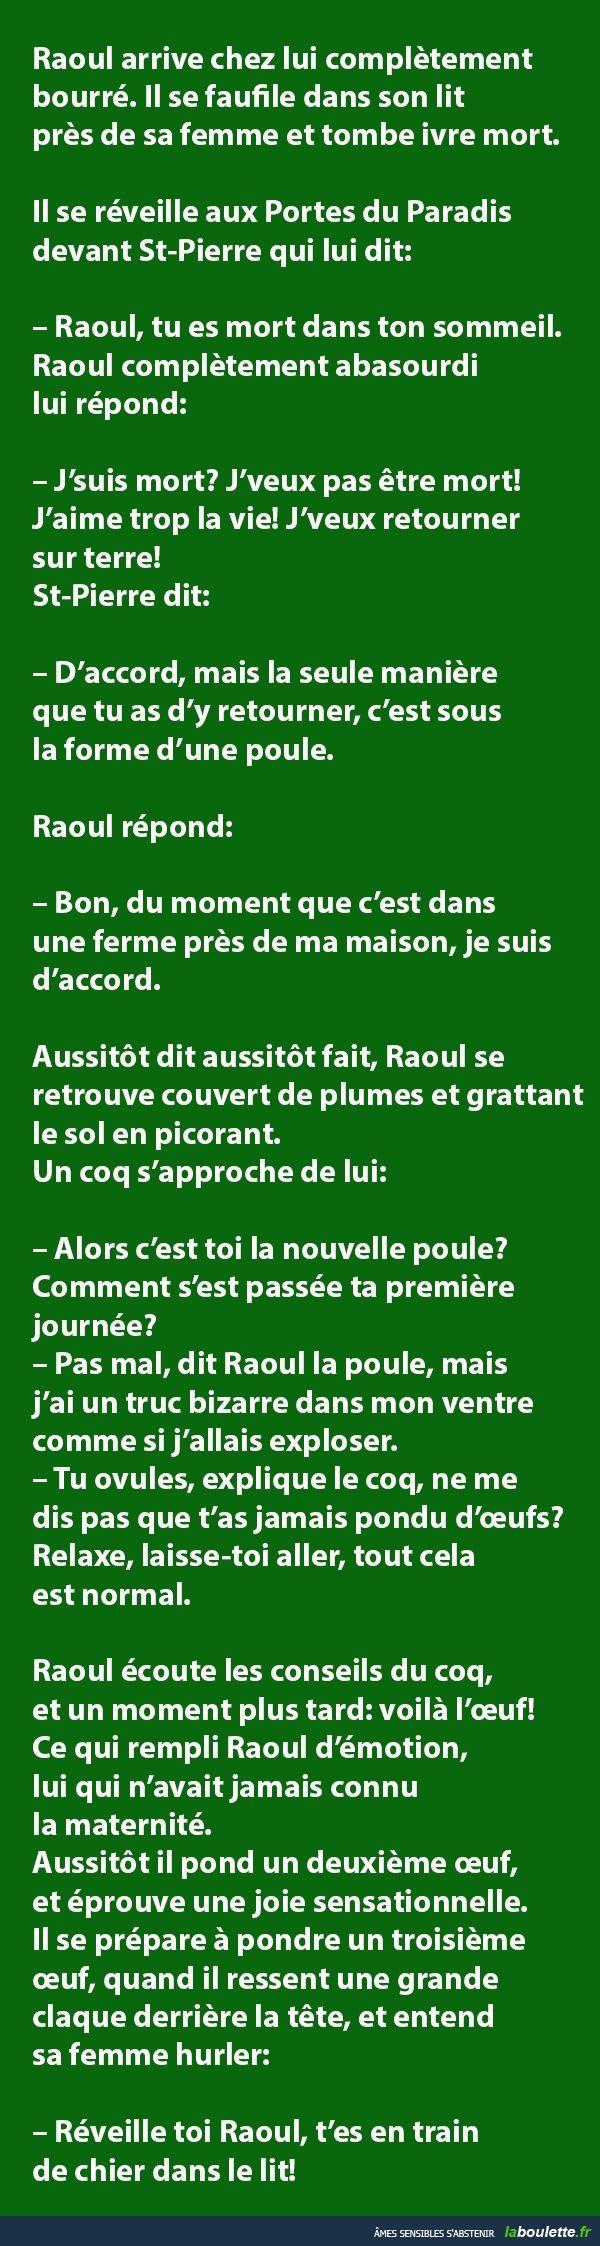 Raoul arrive chez lui complètement bourré... | LABOULETTE.fr - Les meilleures images du net!